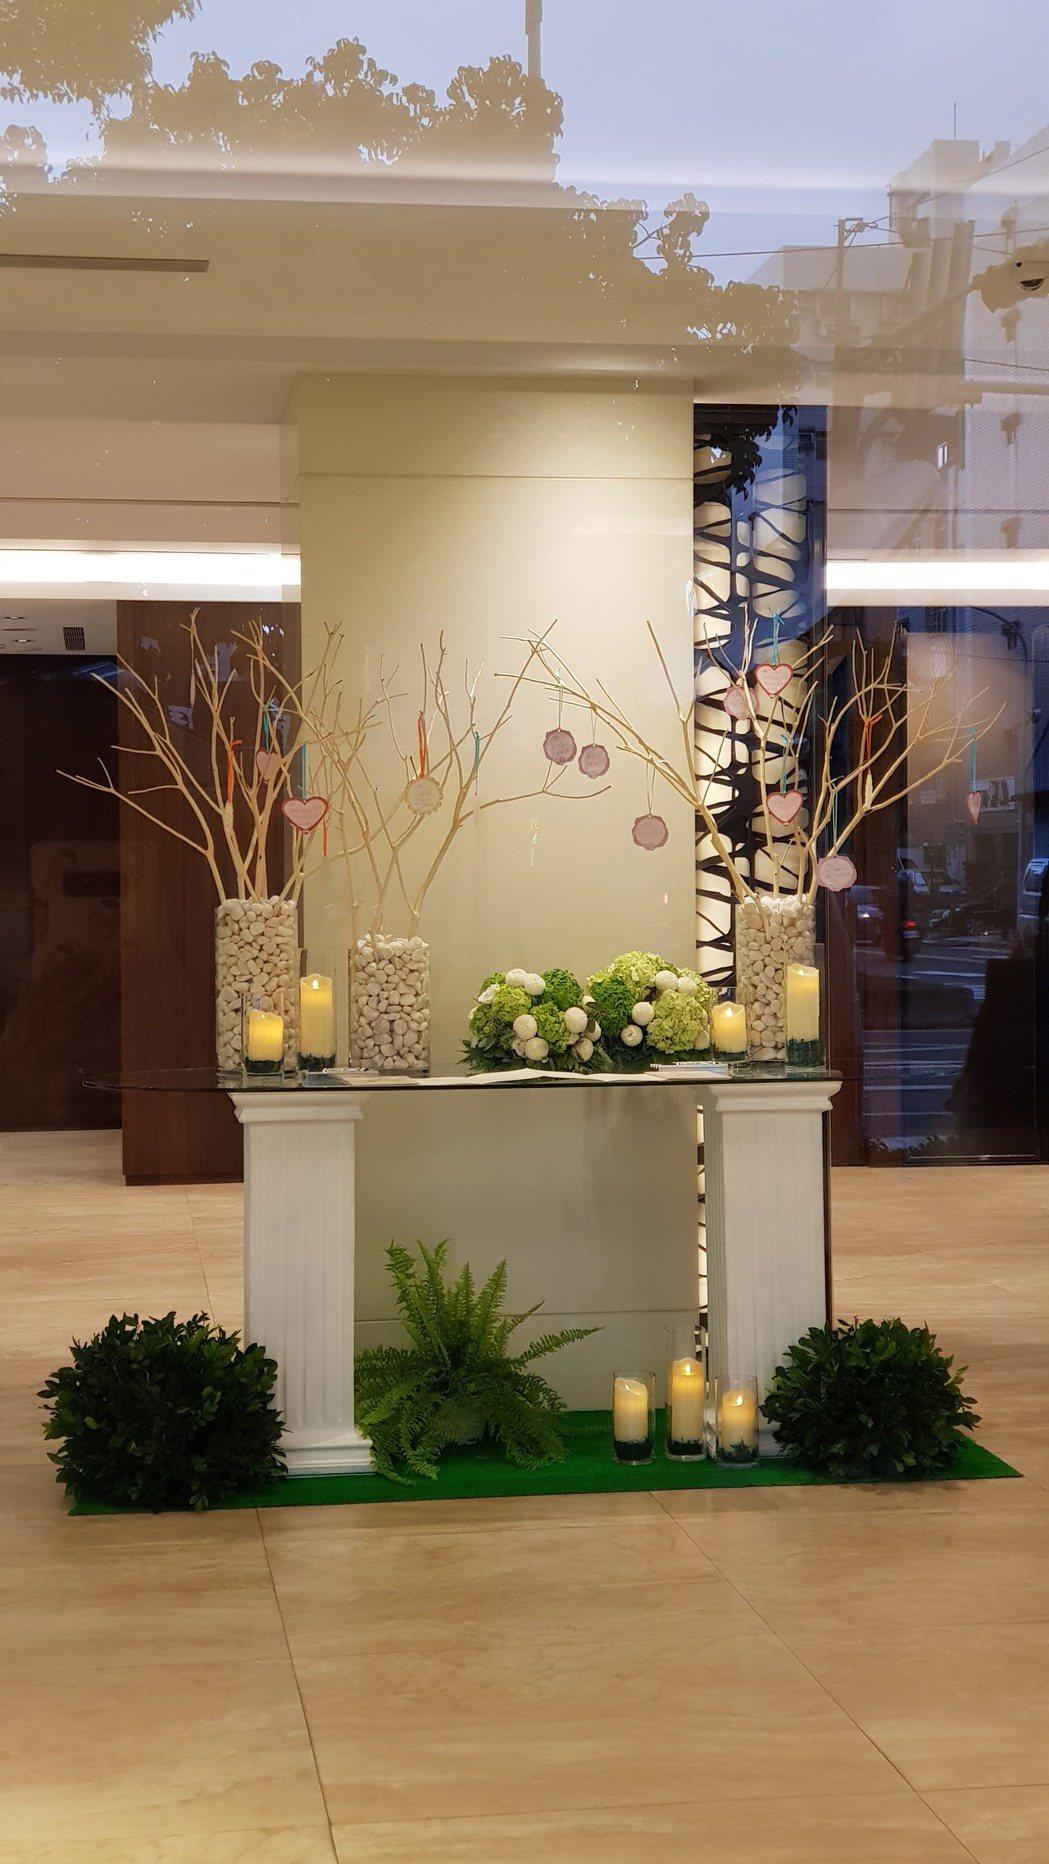 高以翔靈堂會館大廳設置花台。記者杜沛學/攝影